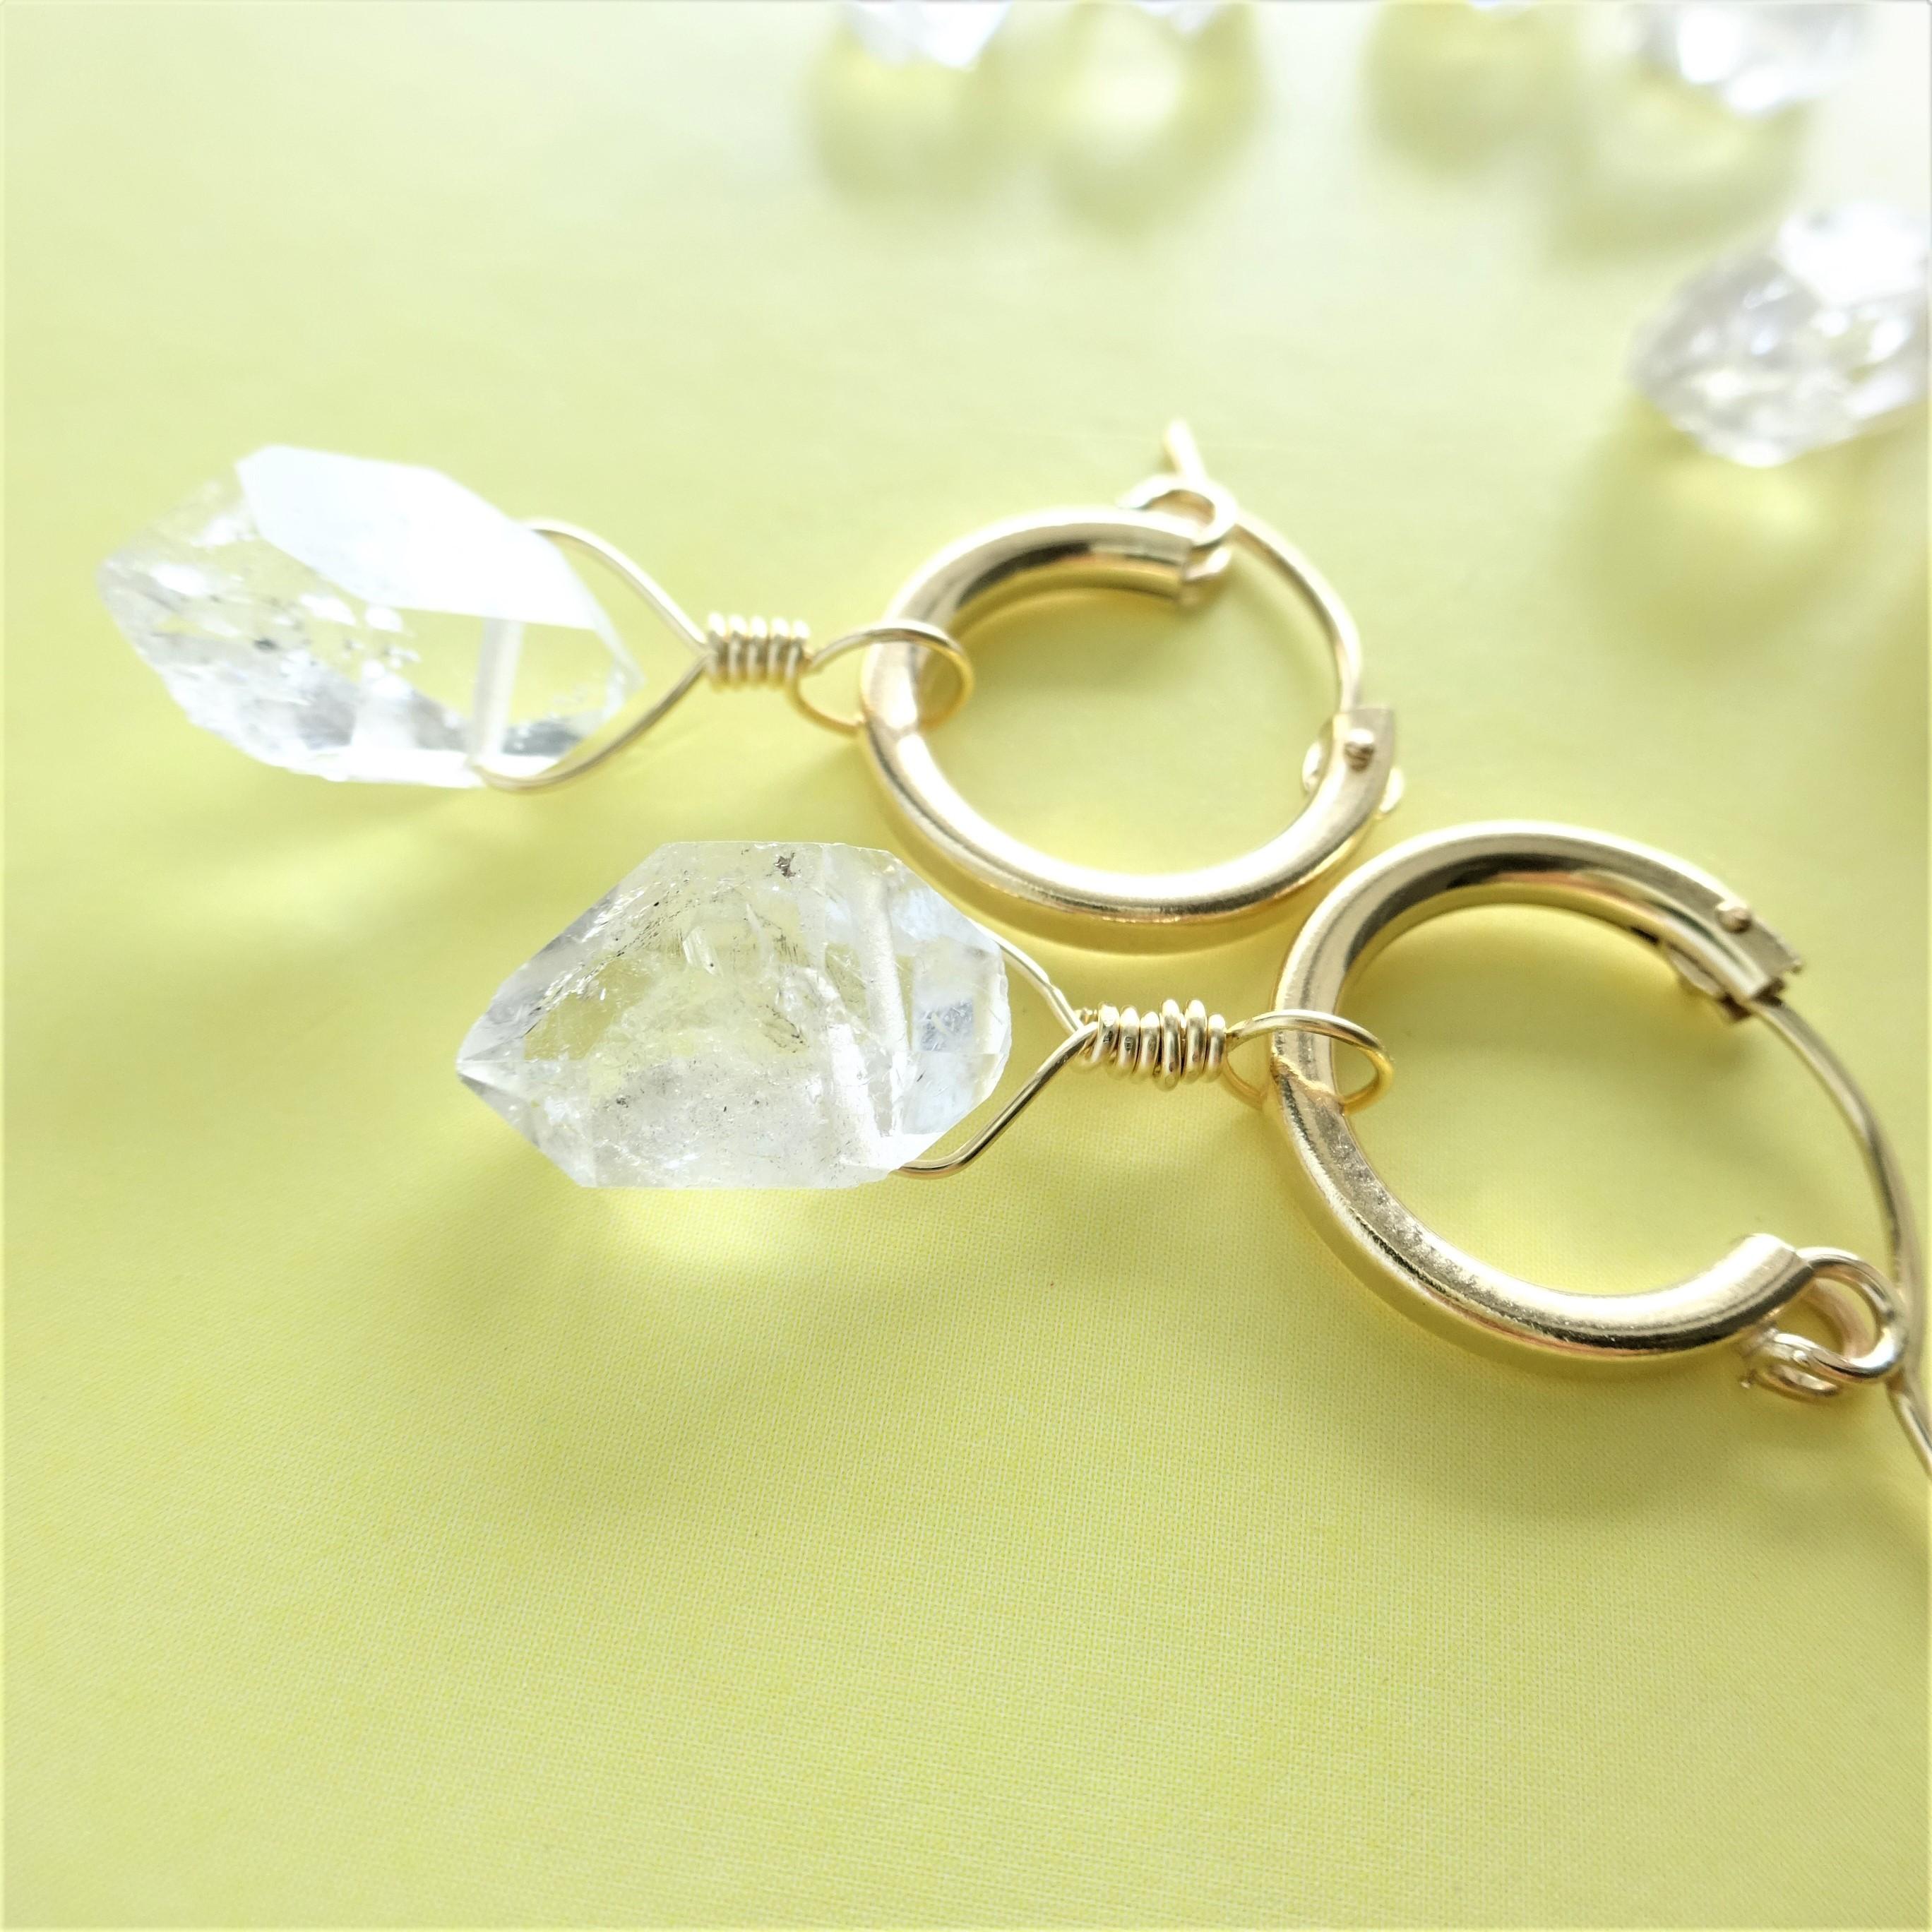 送料無料 14kgf*Herkimerdiamond hoop pierced earring / earring